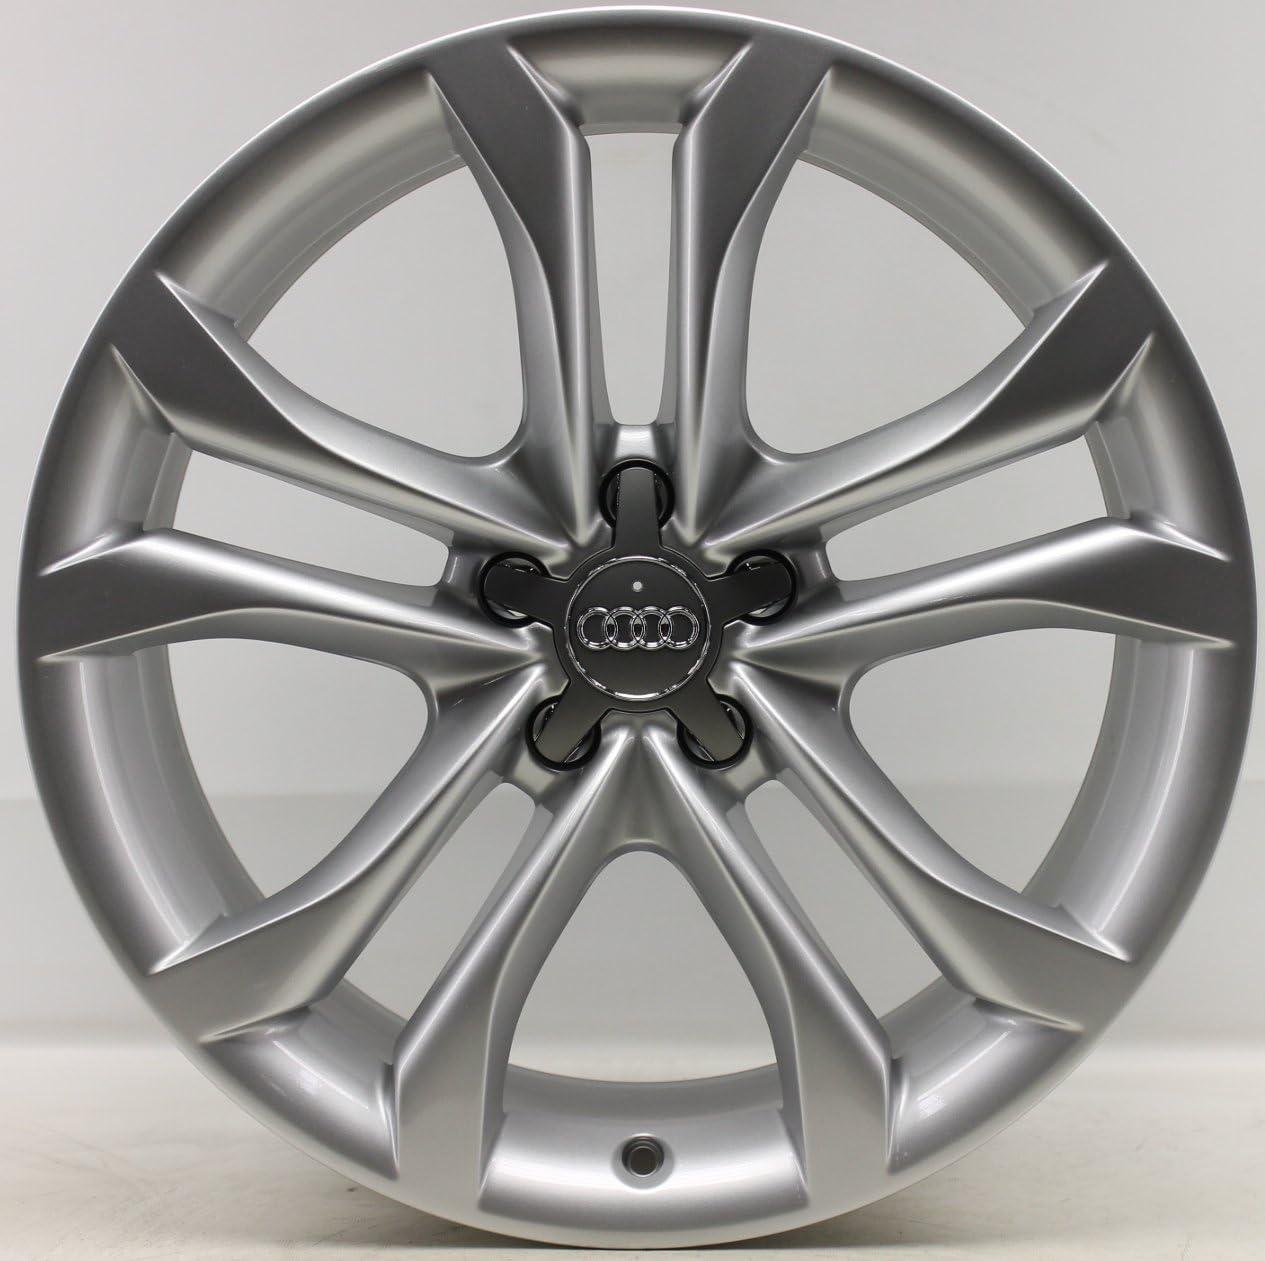 4 Original Audi 19 pulgadas Llantas 8,5 x 19 ET32 Audi A6 4 G C7 S Line de llantas S: Amazon.es: Coche y moto